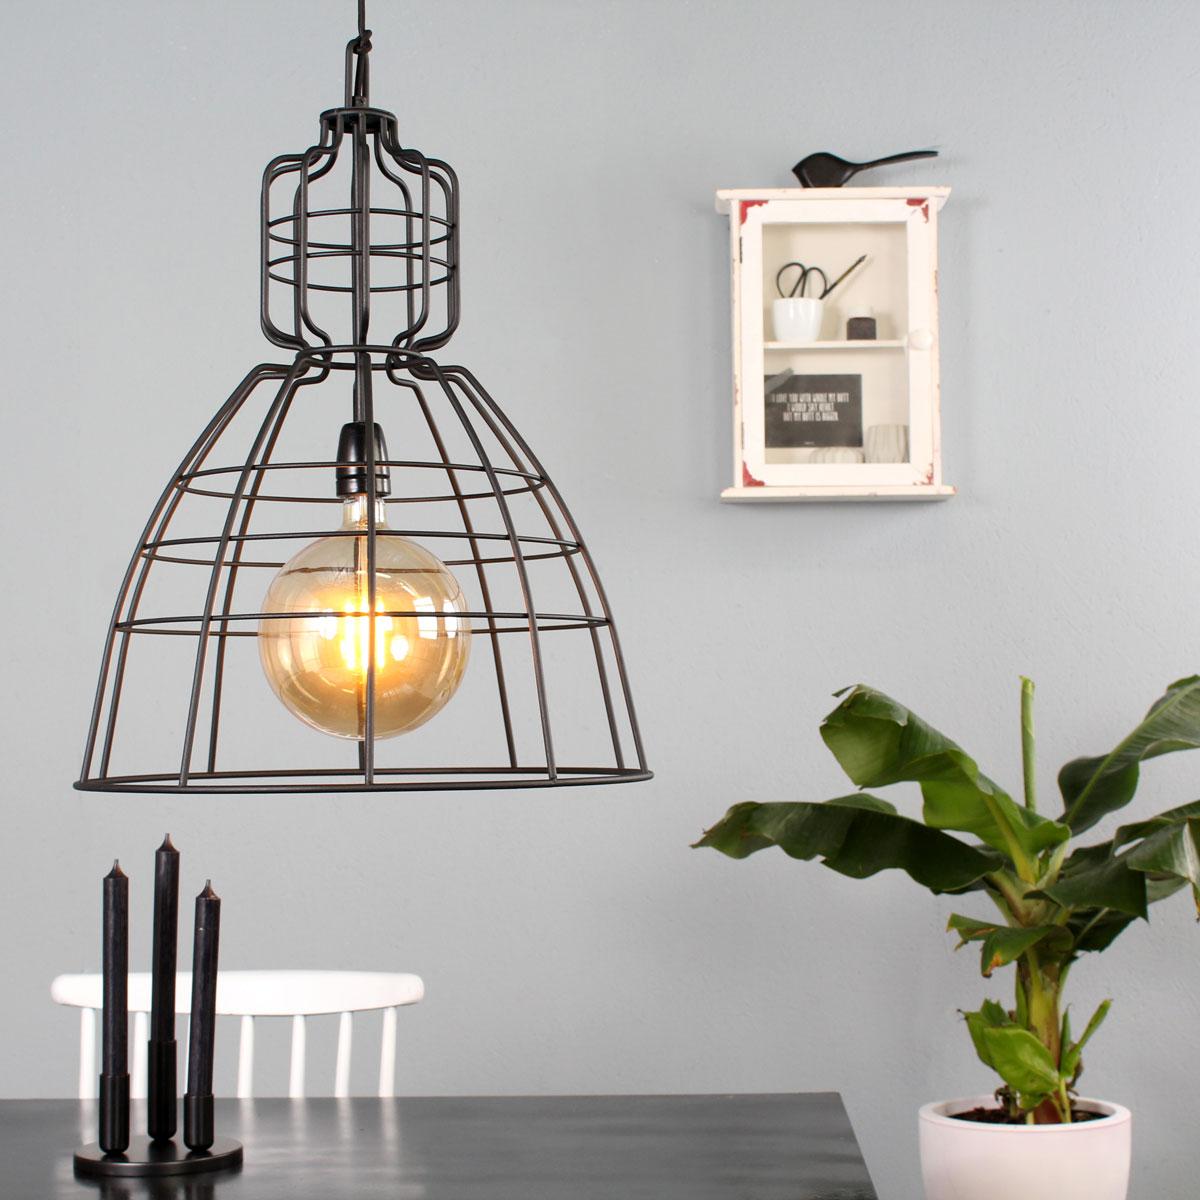 draadlamp metaal zwart